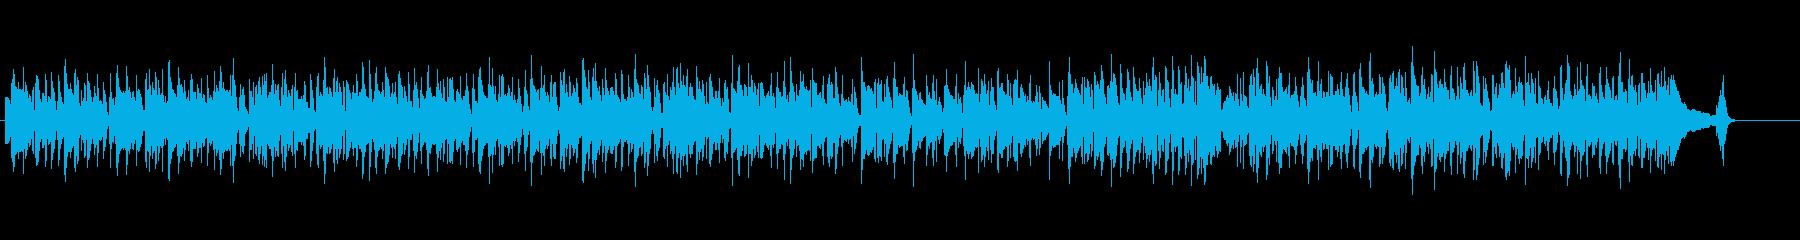 【生音】クリーンギターの幸せ春サウンドの再生済みの波形